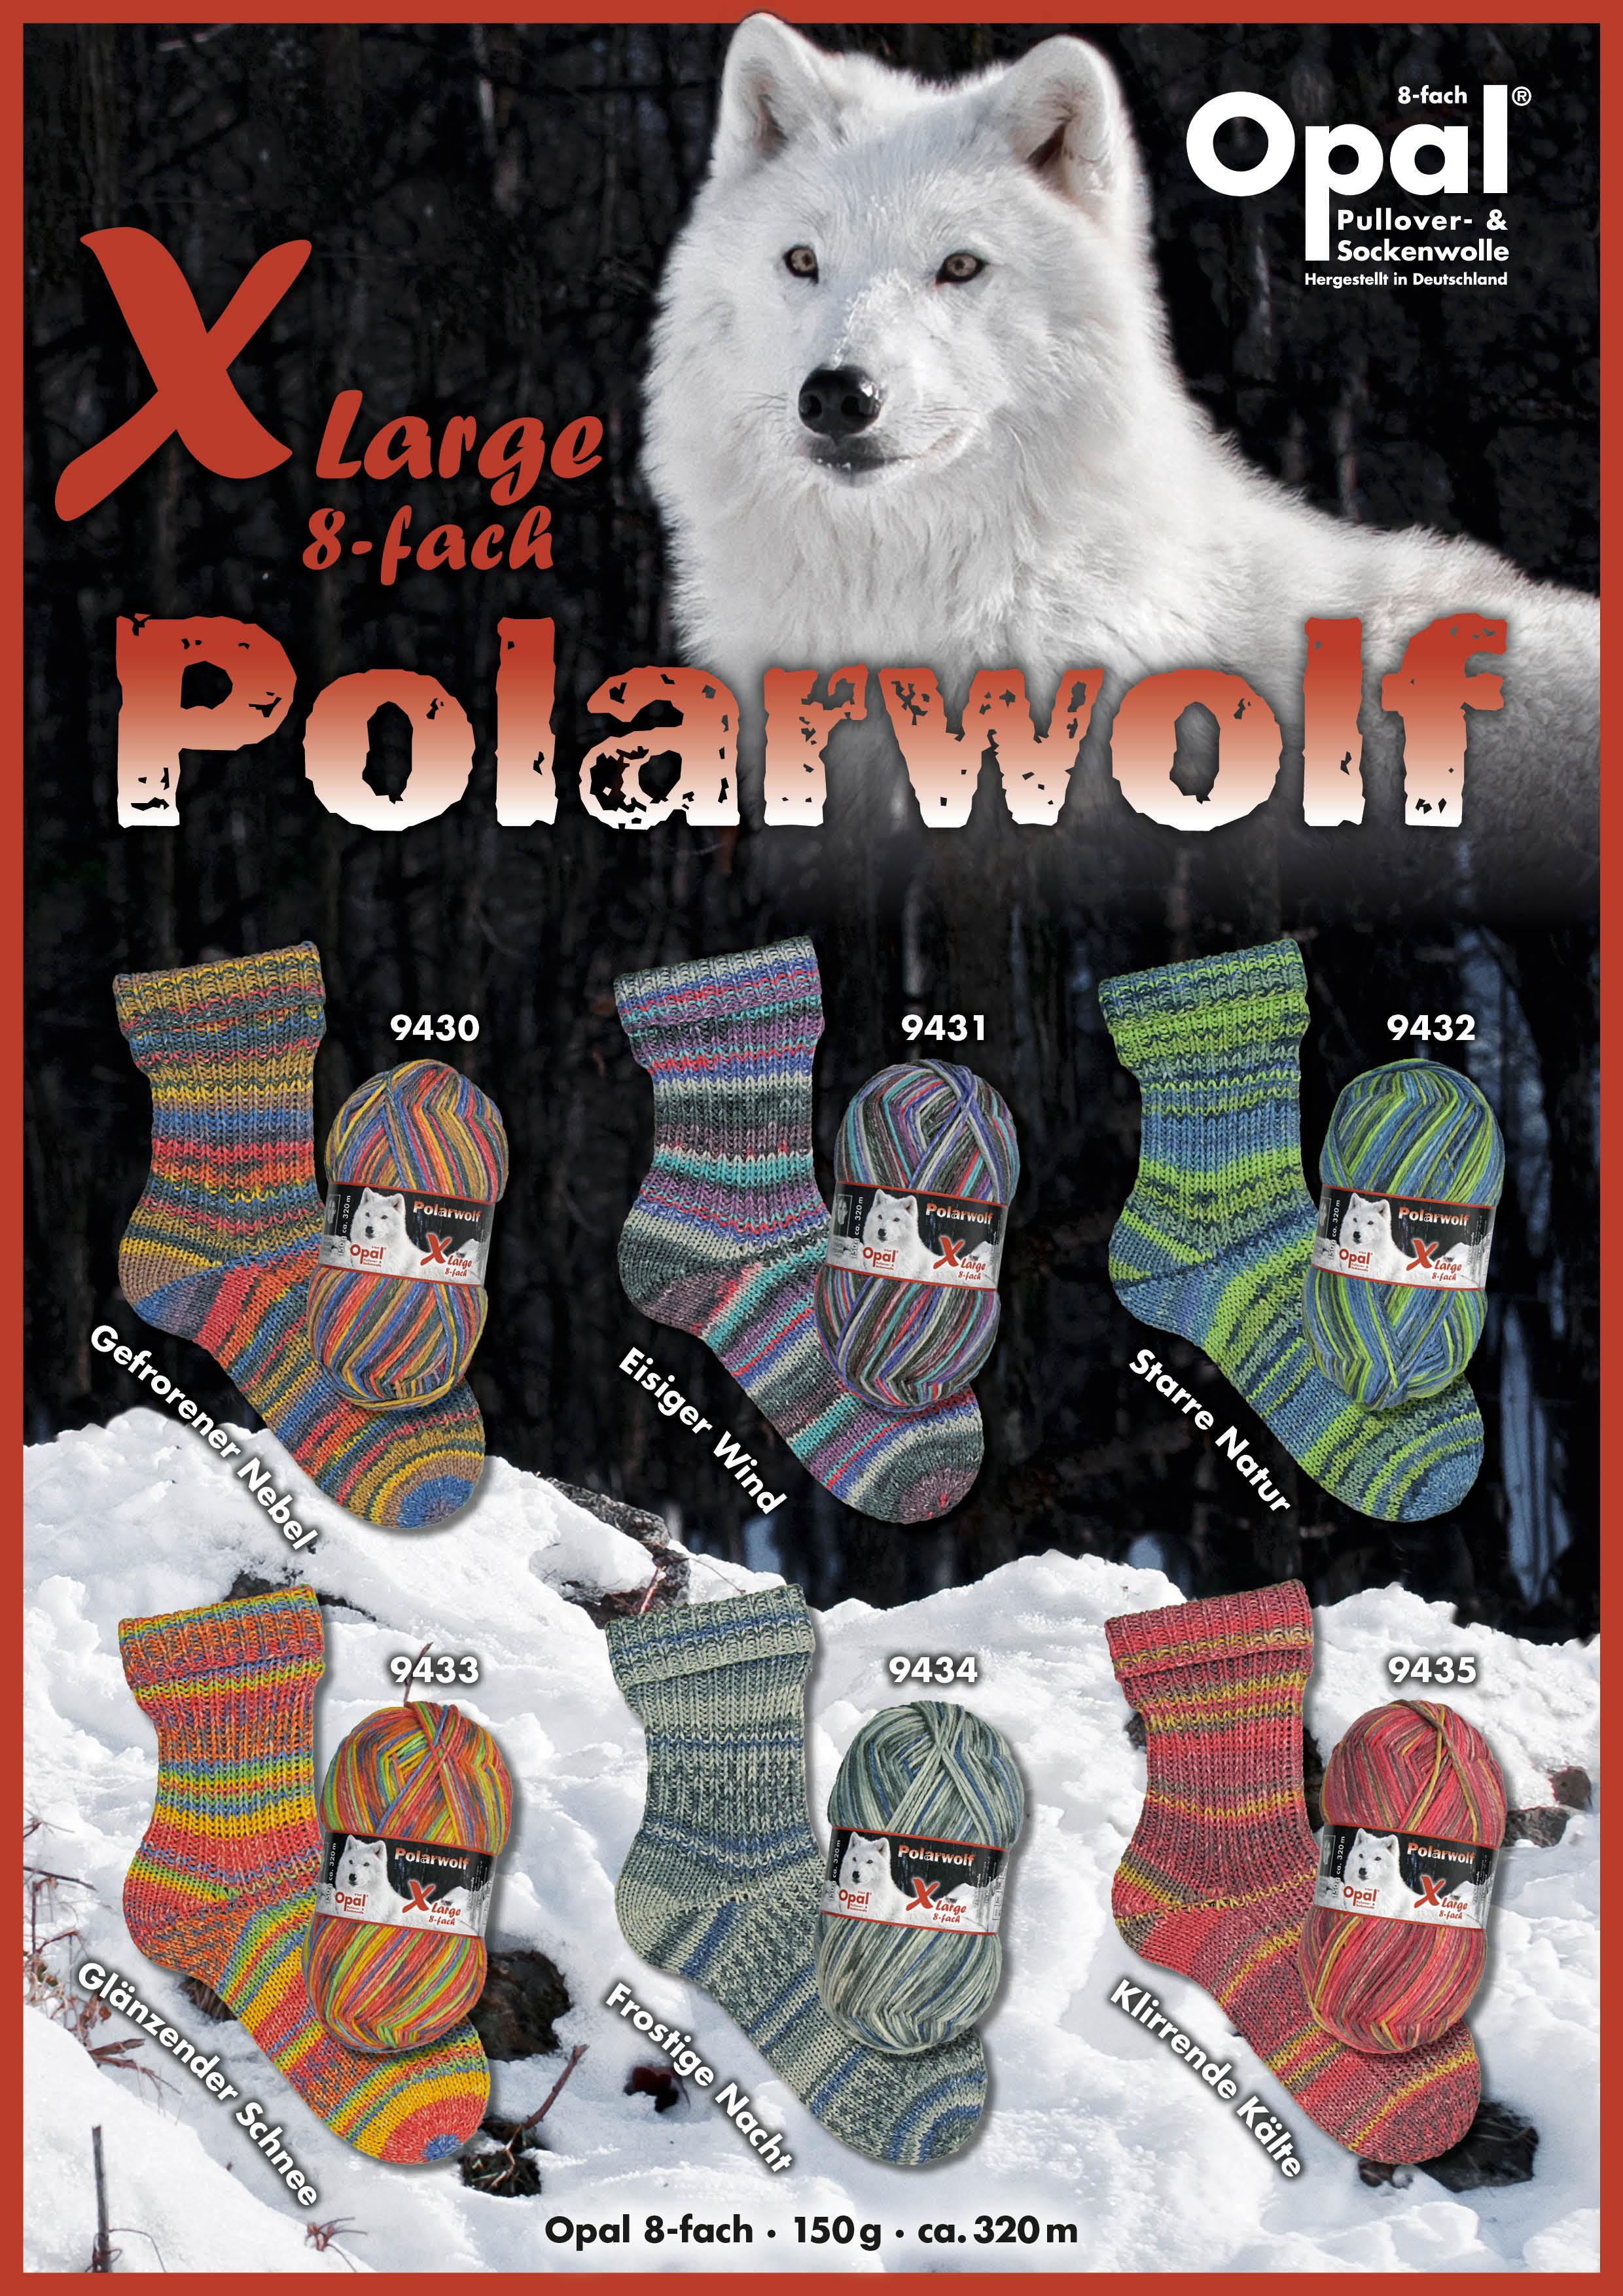 Opal XLarge Polarwolf 8-fach